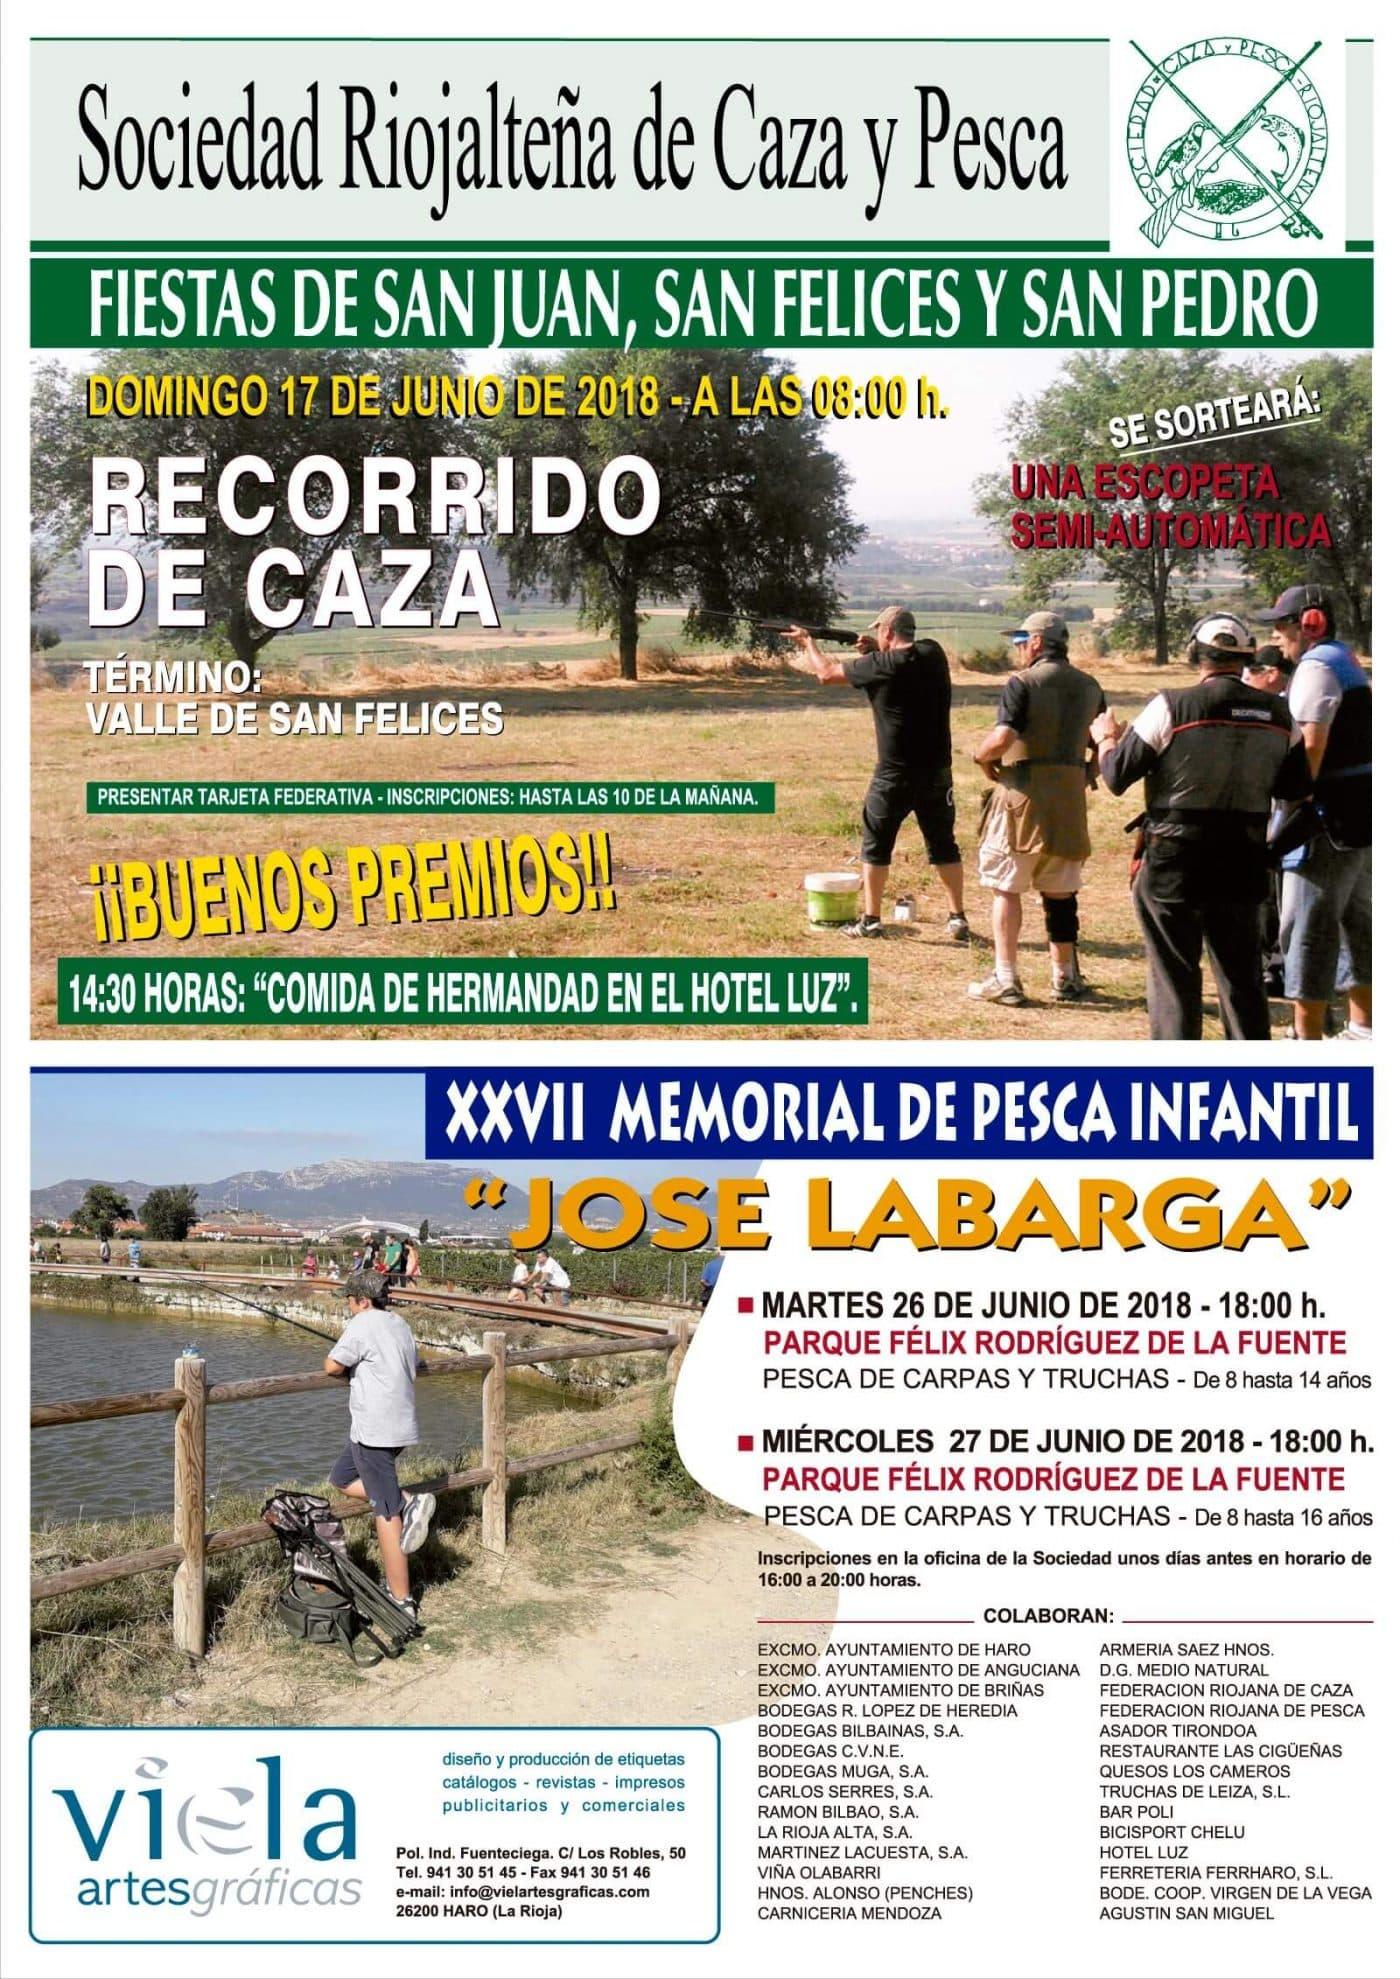 La Sociedad Riojalteña de Caza y Pesca ya tiene listo su programa para las fiestas de junio 1